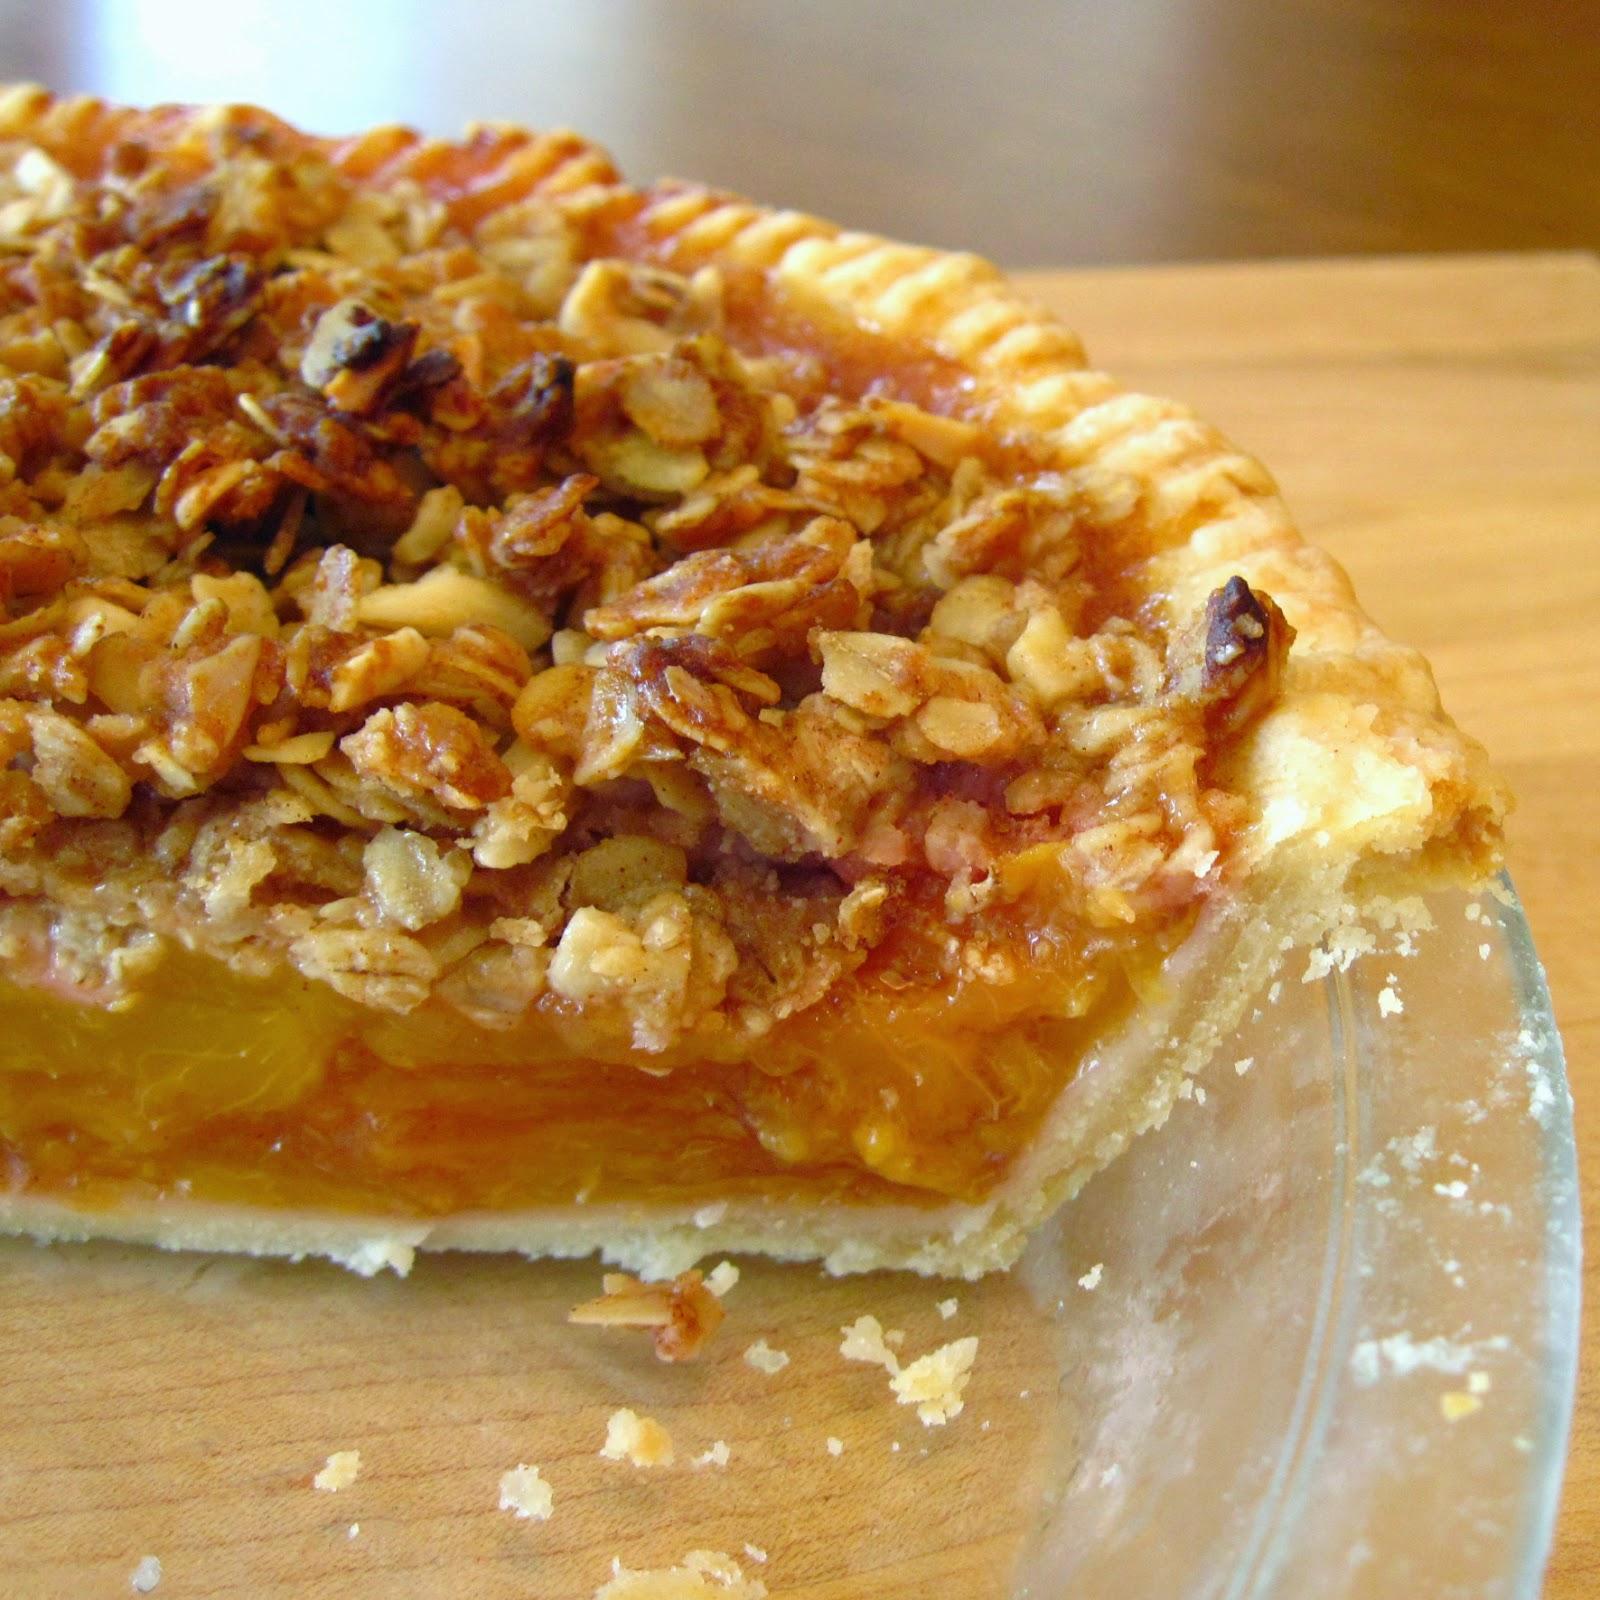 http://inthekitchenwithkath.com/2010/08/16/crunchy-top-peach-pie/